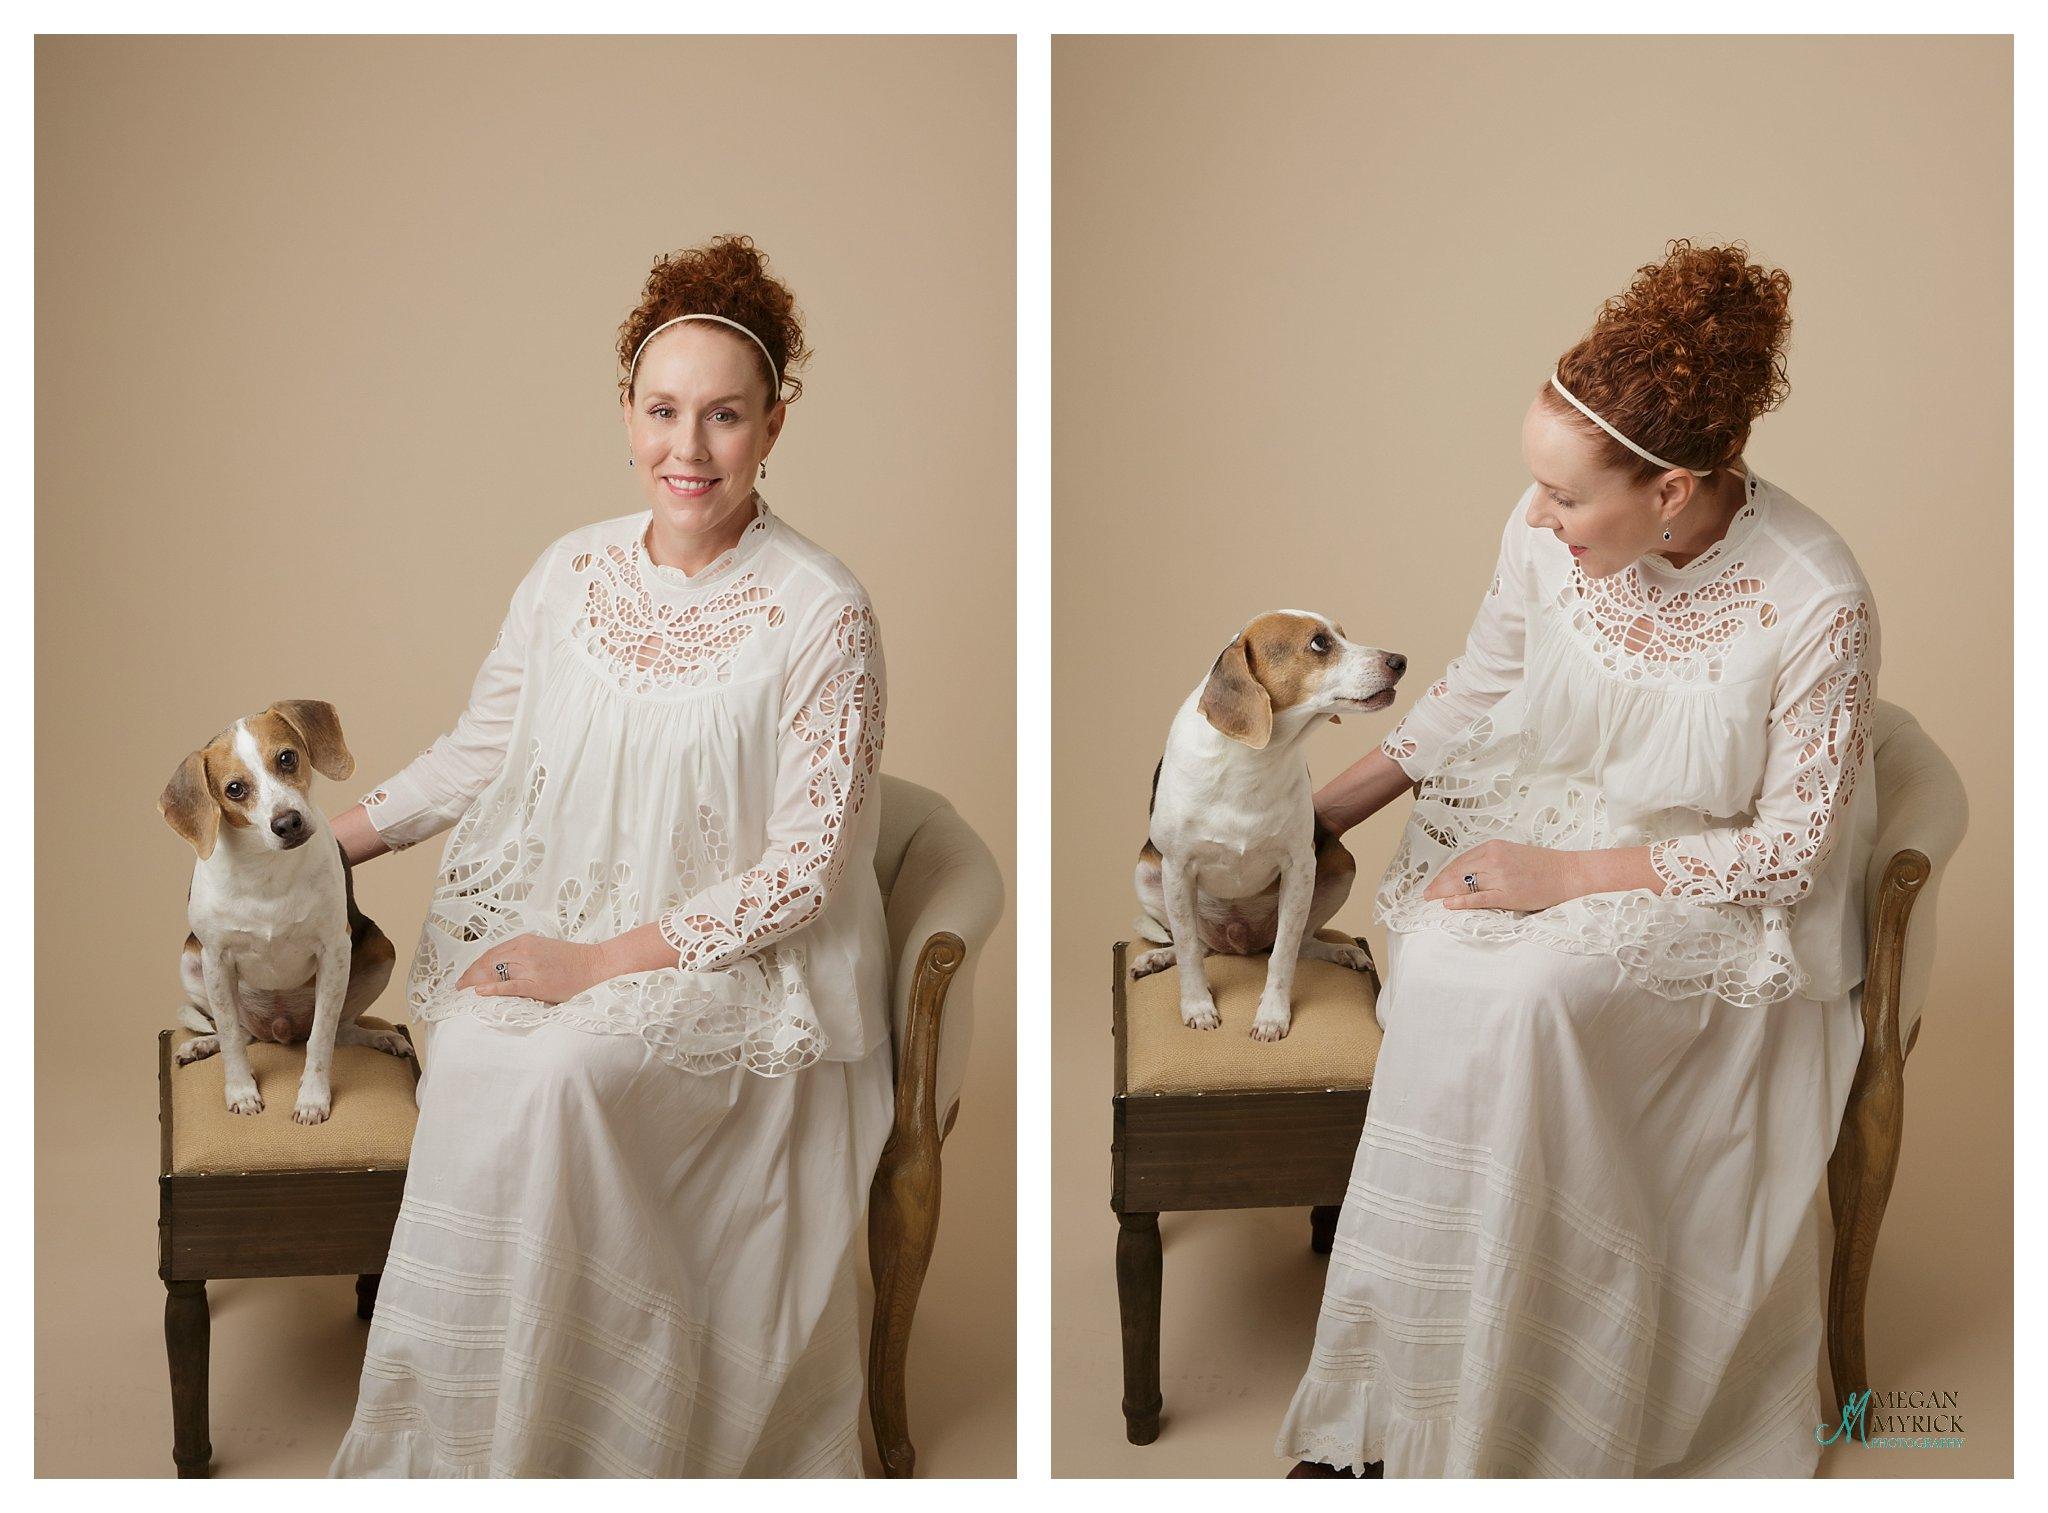 Richmond Hill Pet Photographer | Megan Myrick Photography | www.meganmyrickphotography.com